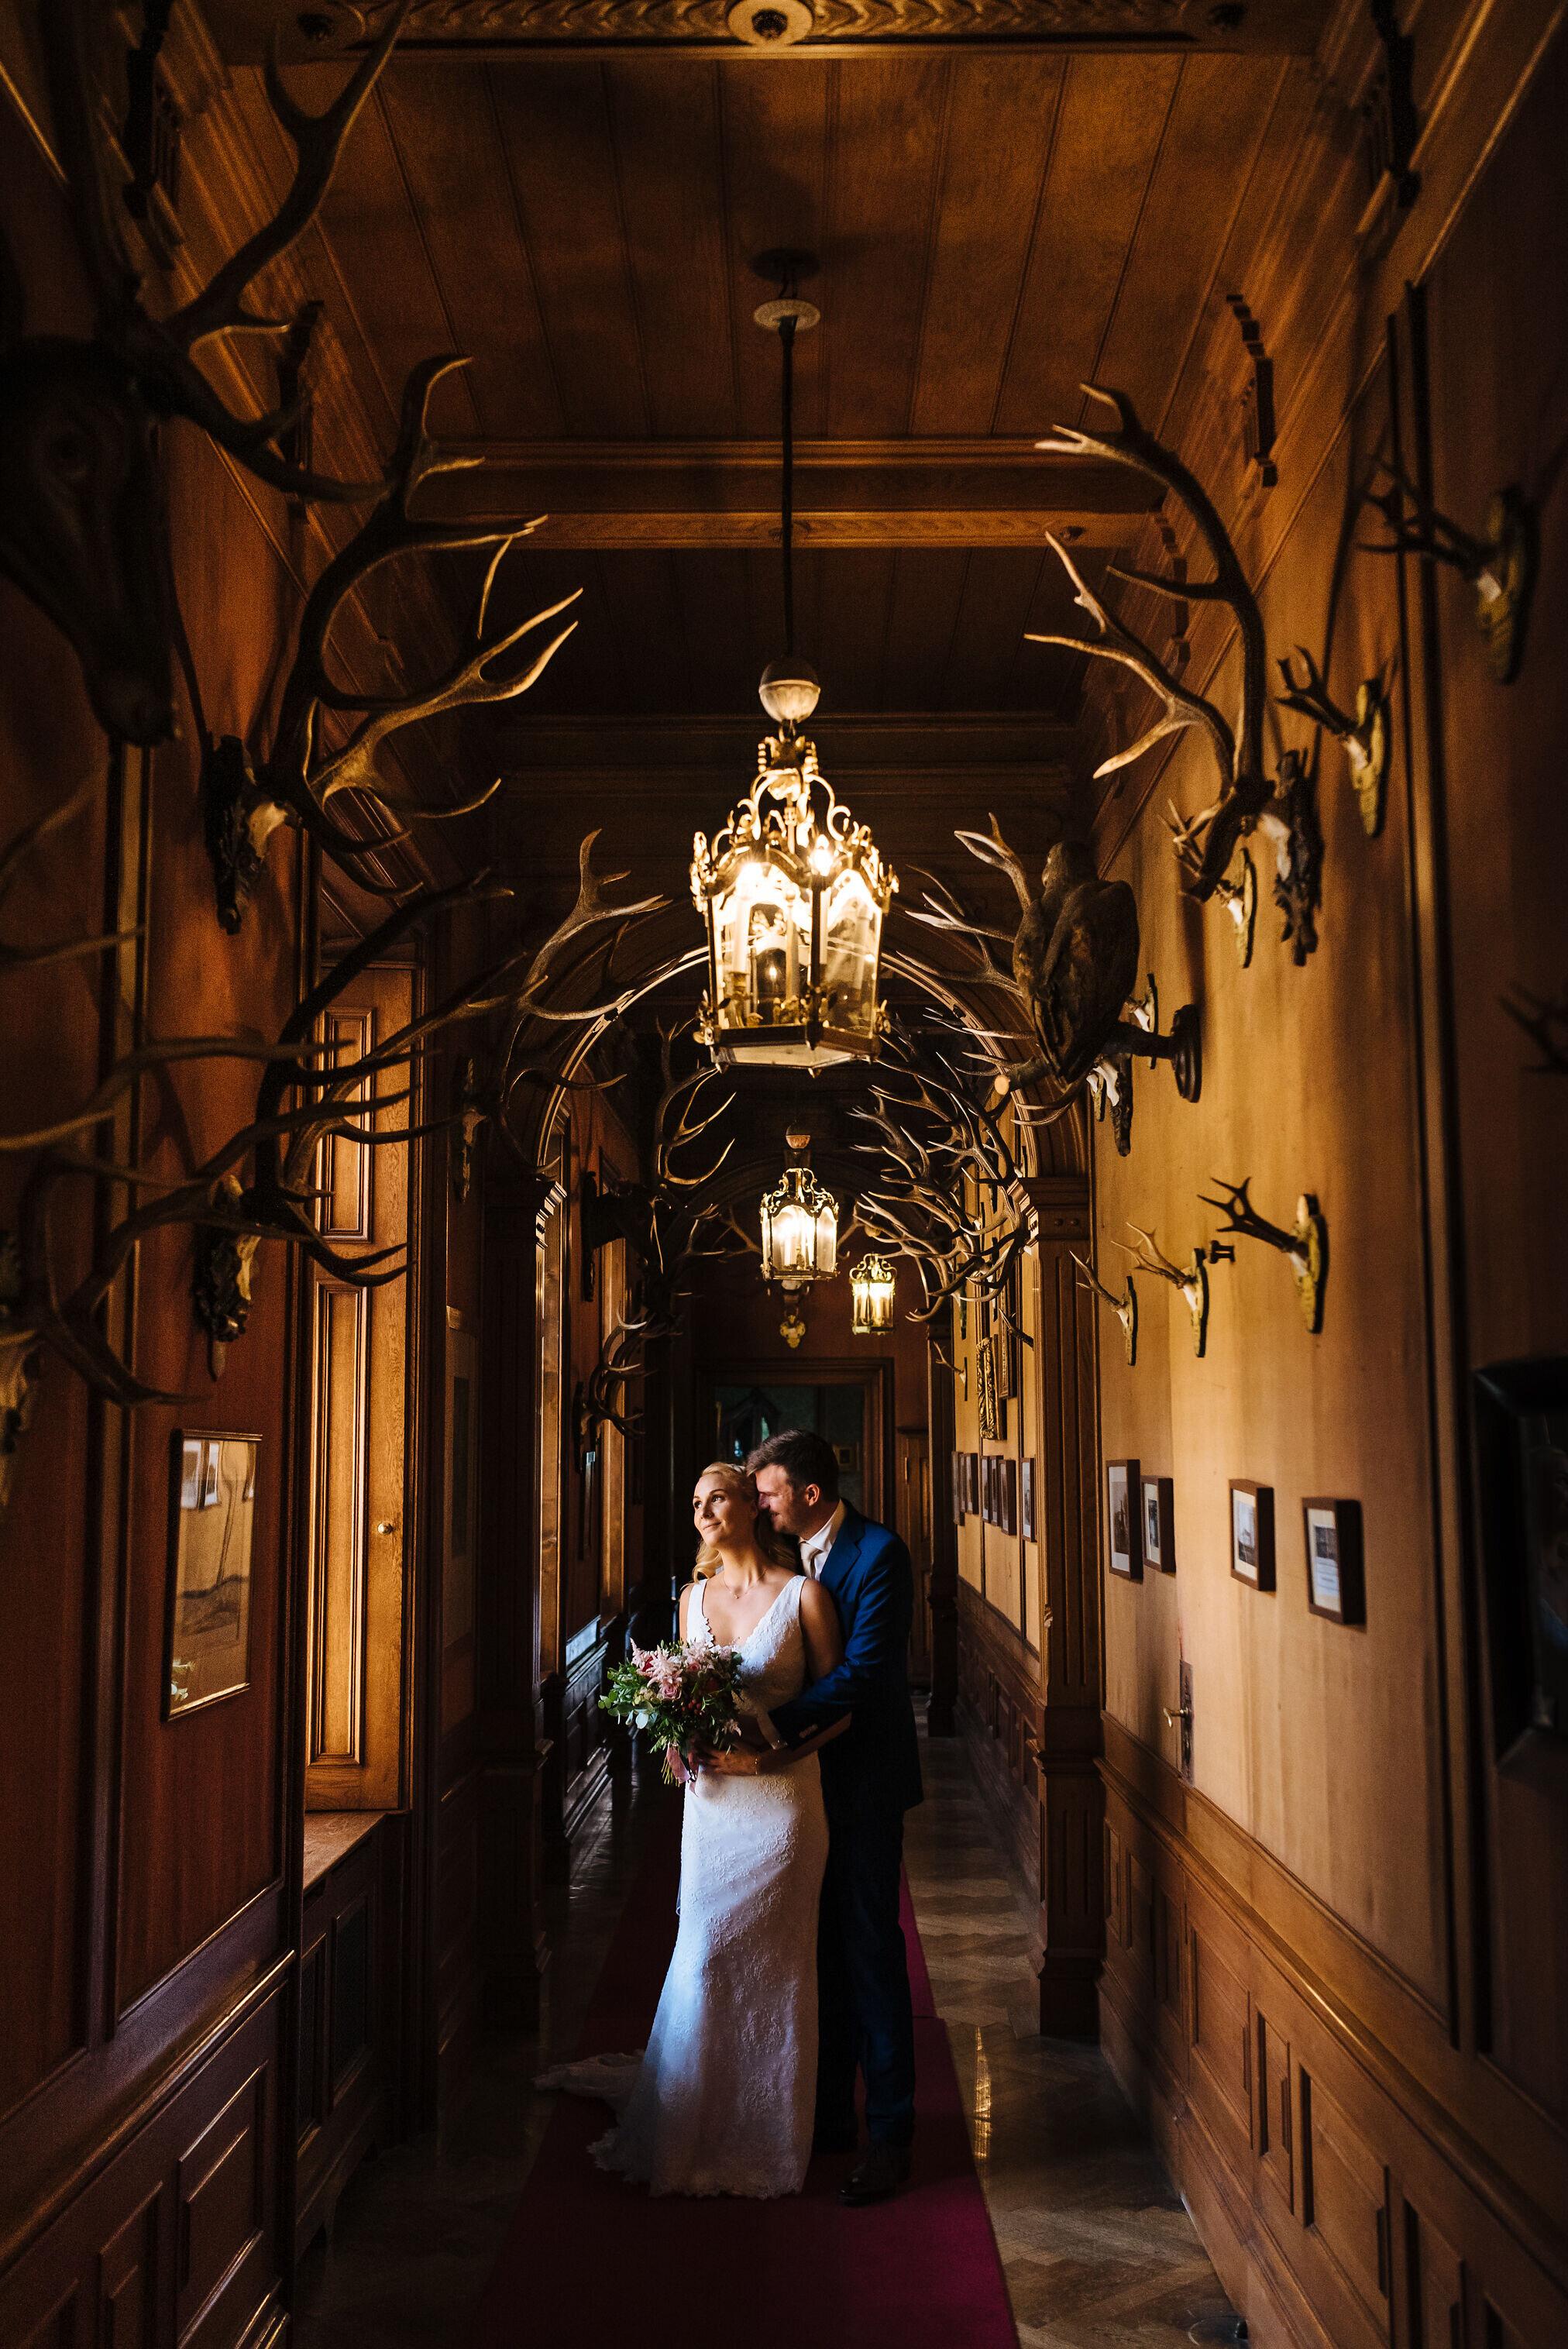 Hochzeit-Schloss-Eckartsau-35.jpg